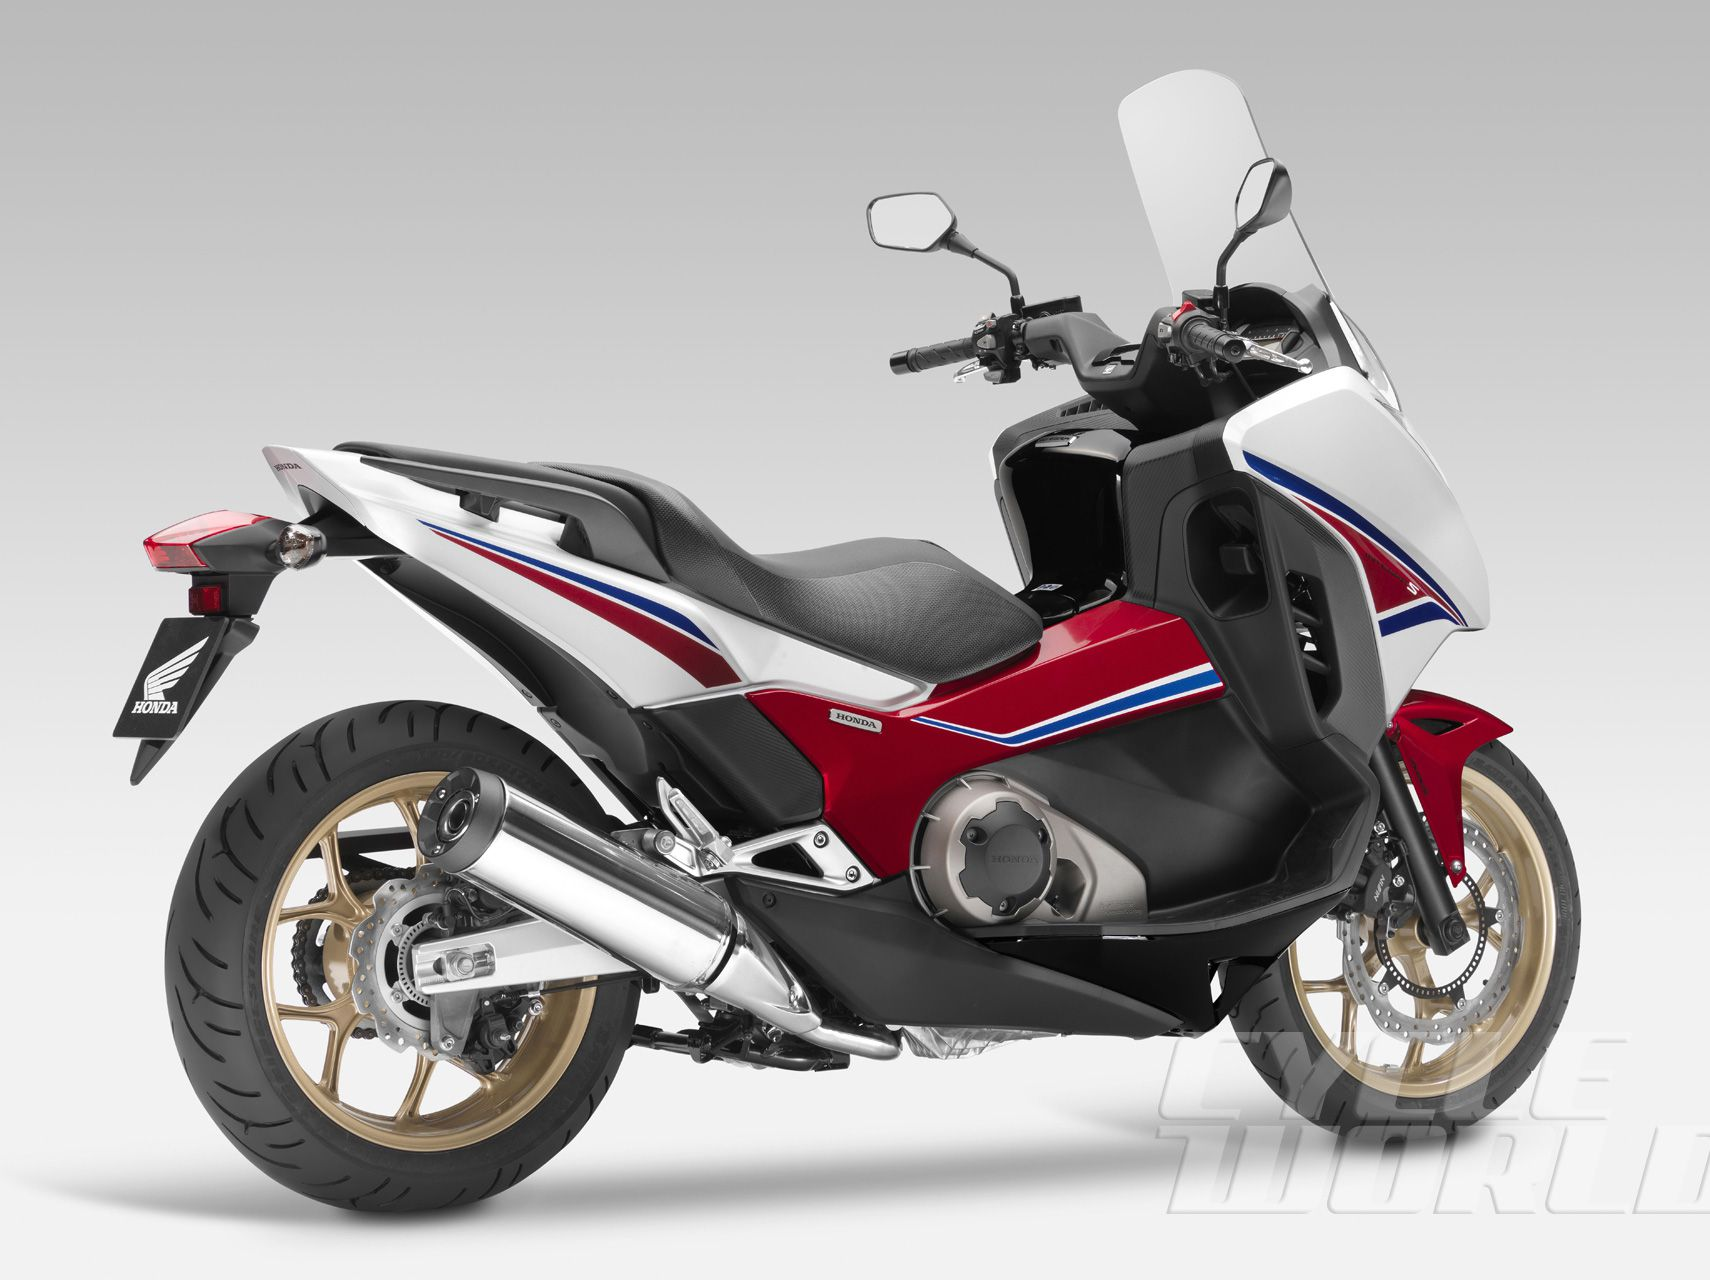 Kelebihan Kekurangan Honda 700Cc Murah Berkualitas